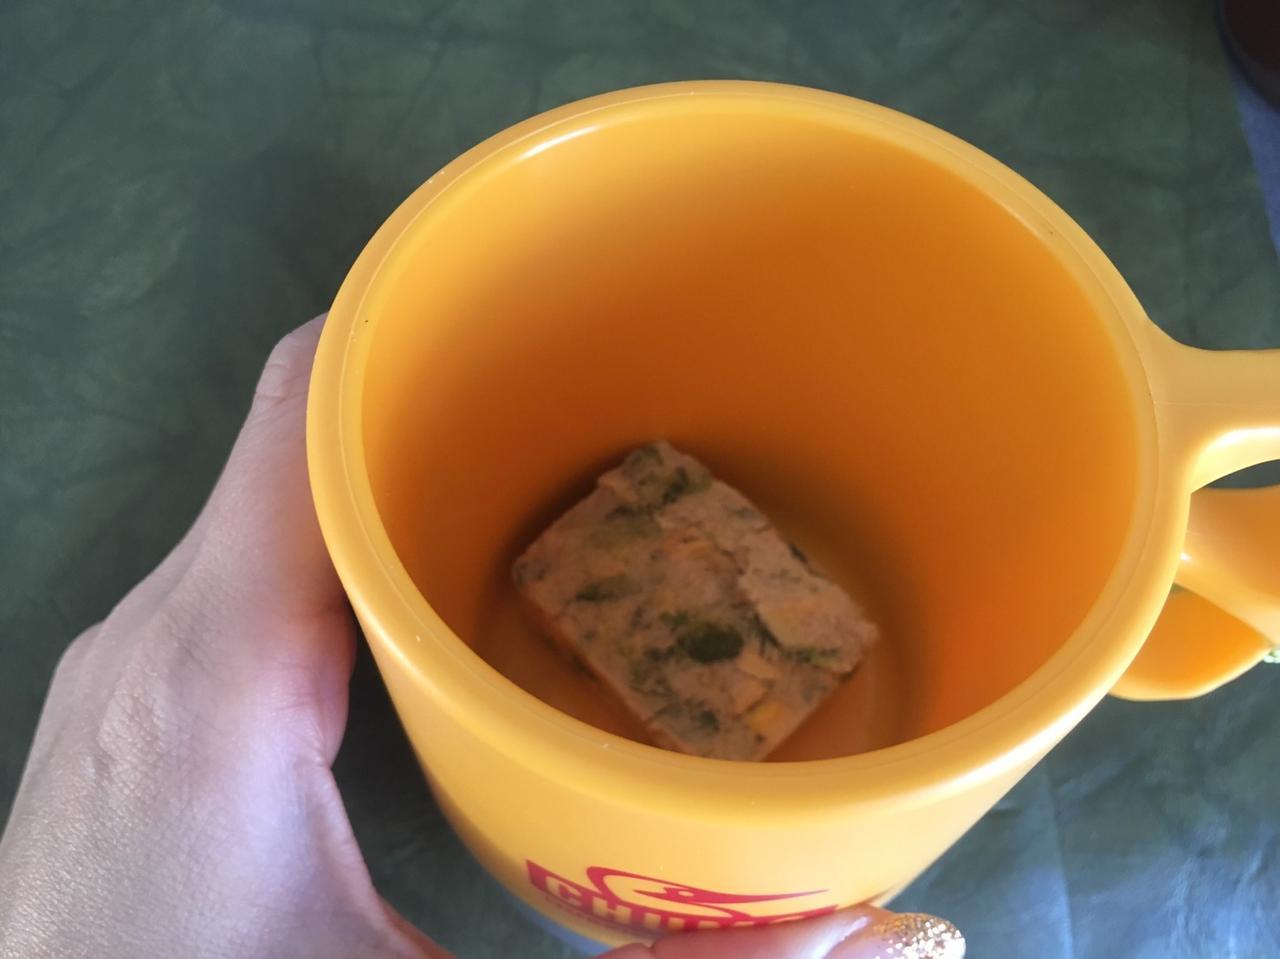 画像1: キャンプの朝にこそ飲んでほしい! 無印良品のスープシリーズ